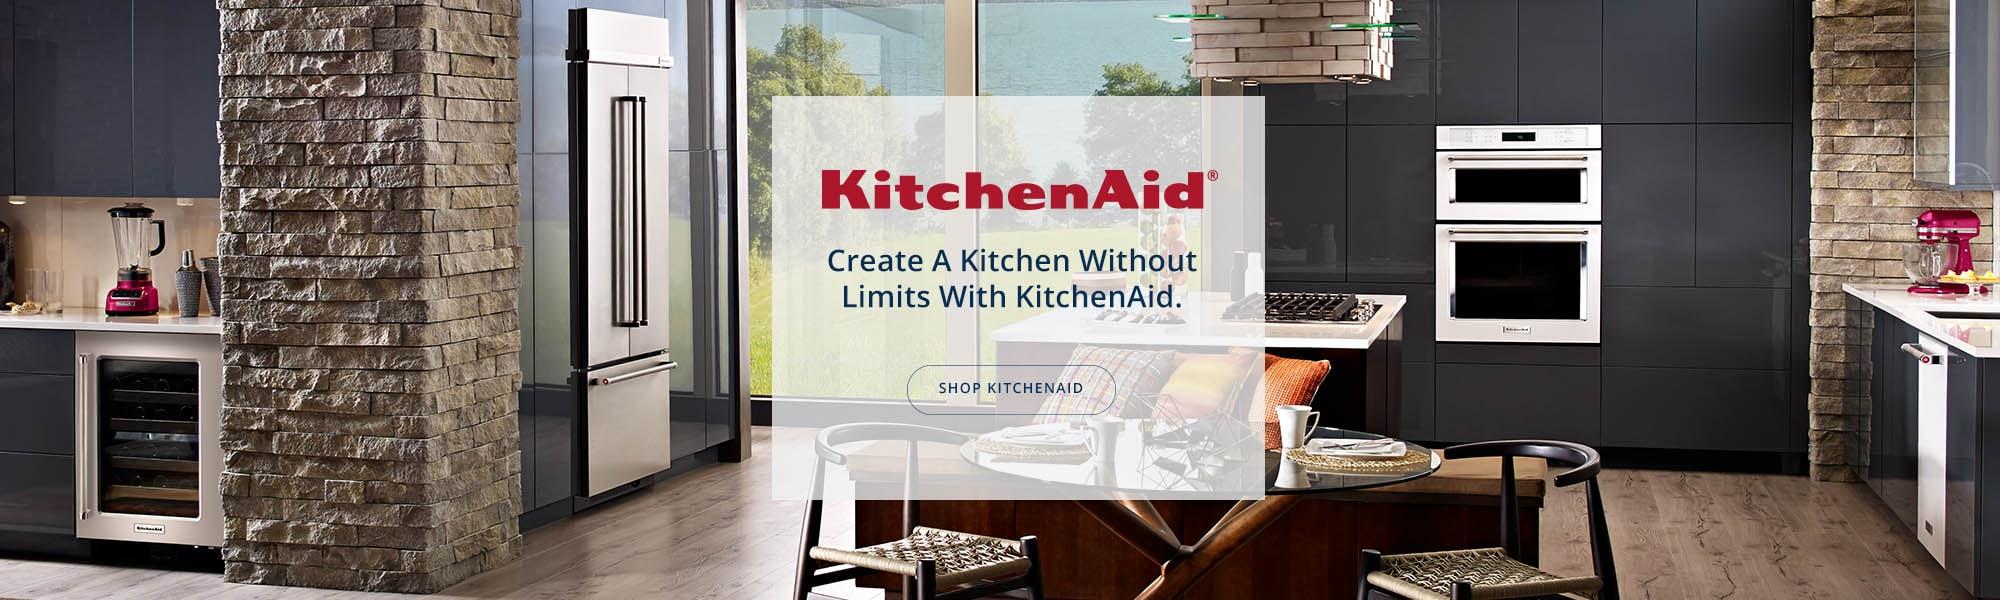 KitchenAid Slide